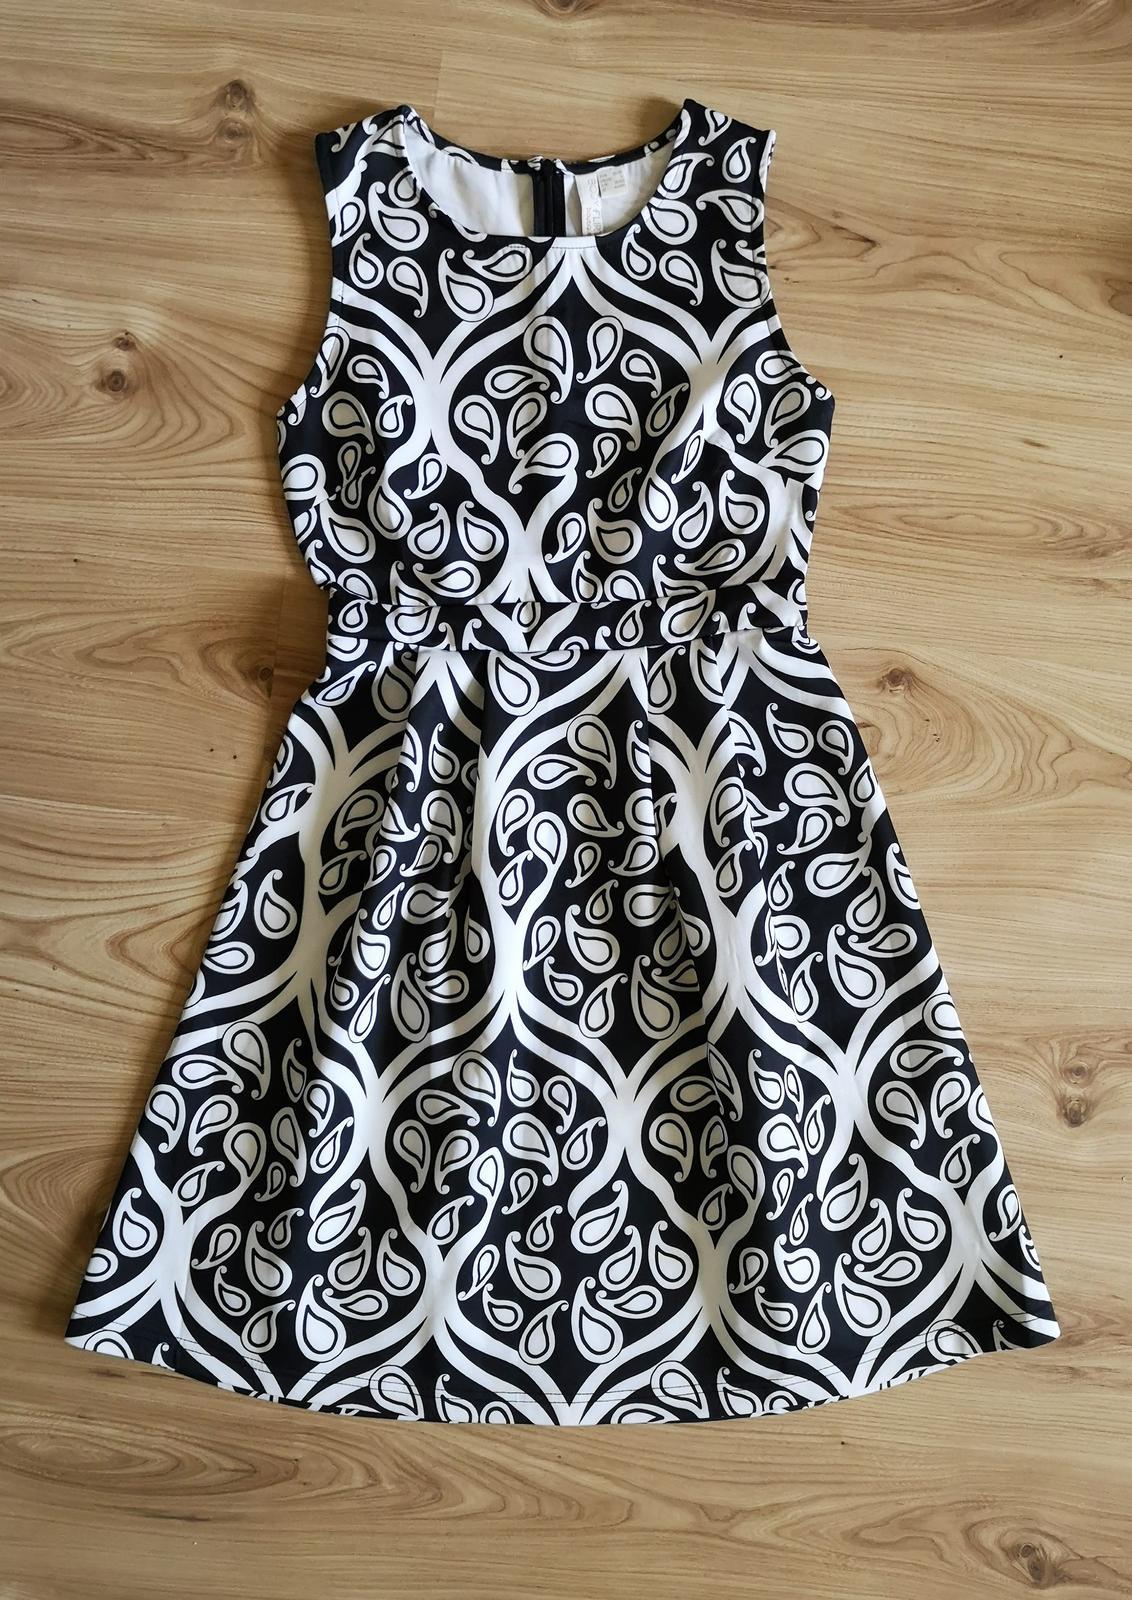 šaty s ornamentovou potlačou - Obrázok č. 1